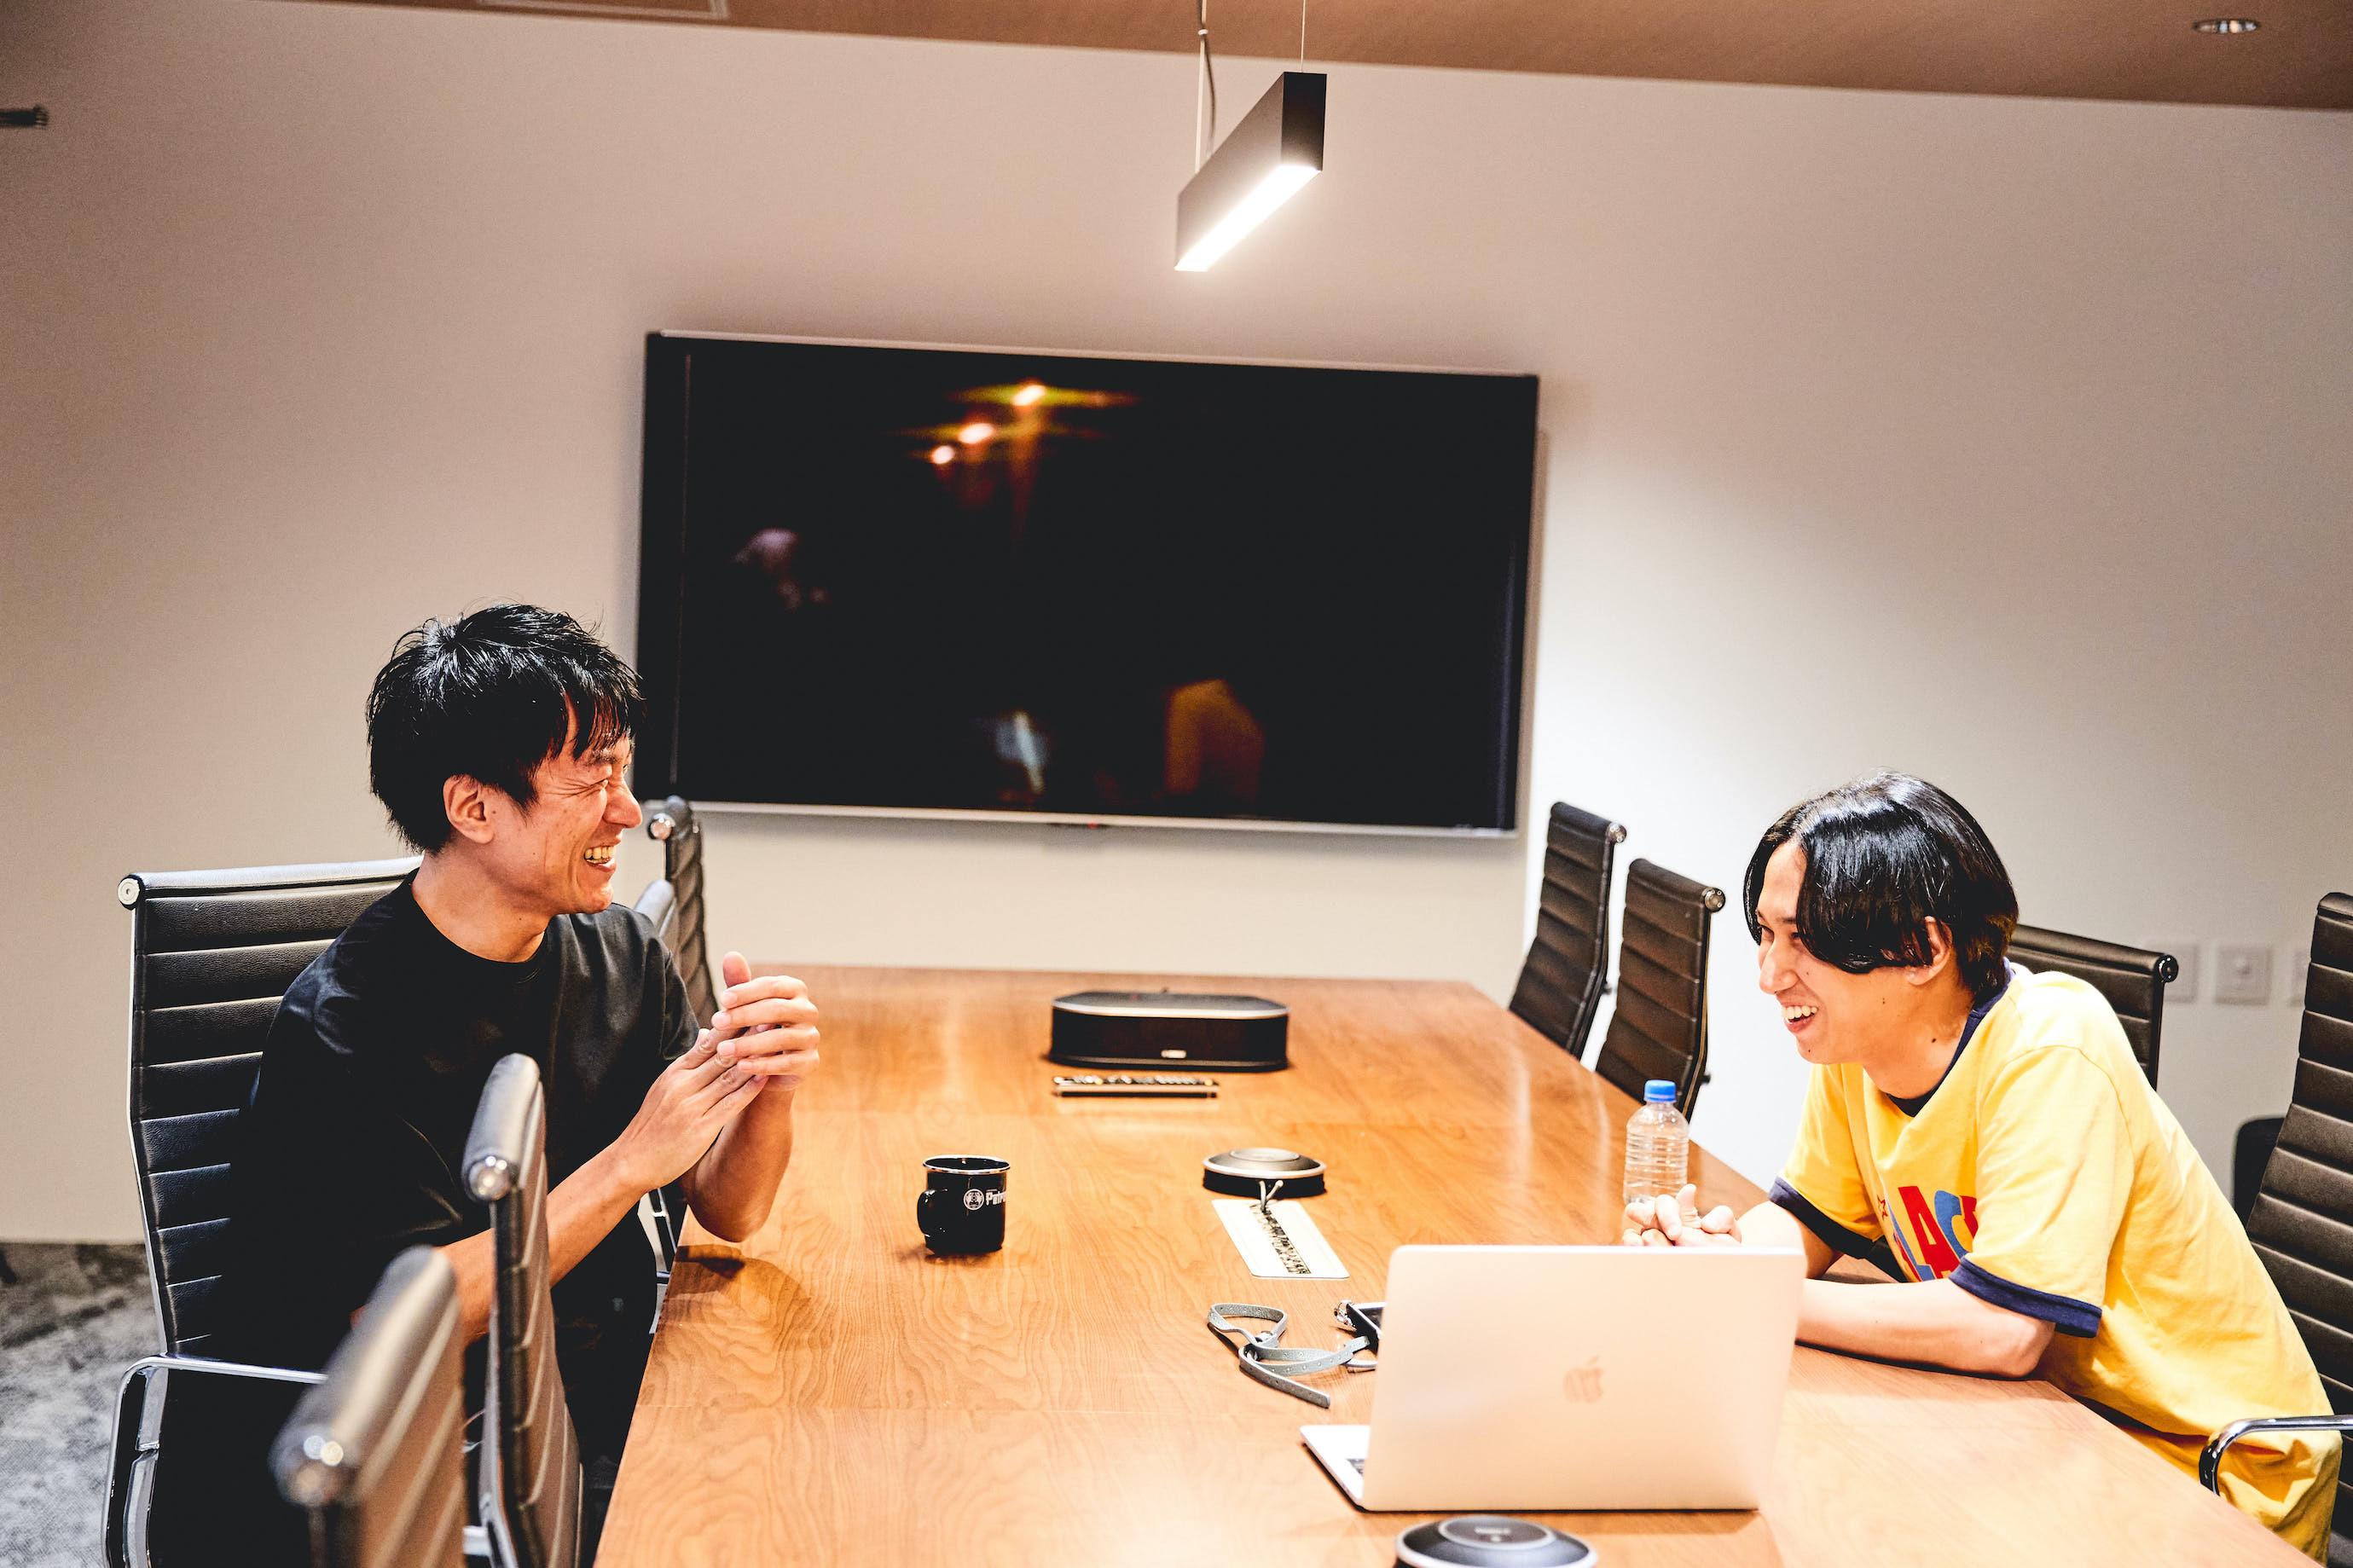 飯室大吾(FM802 DJ)× はっとり(マカロニえんぴつ)